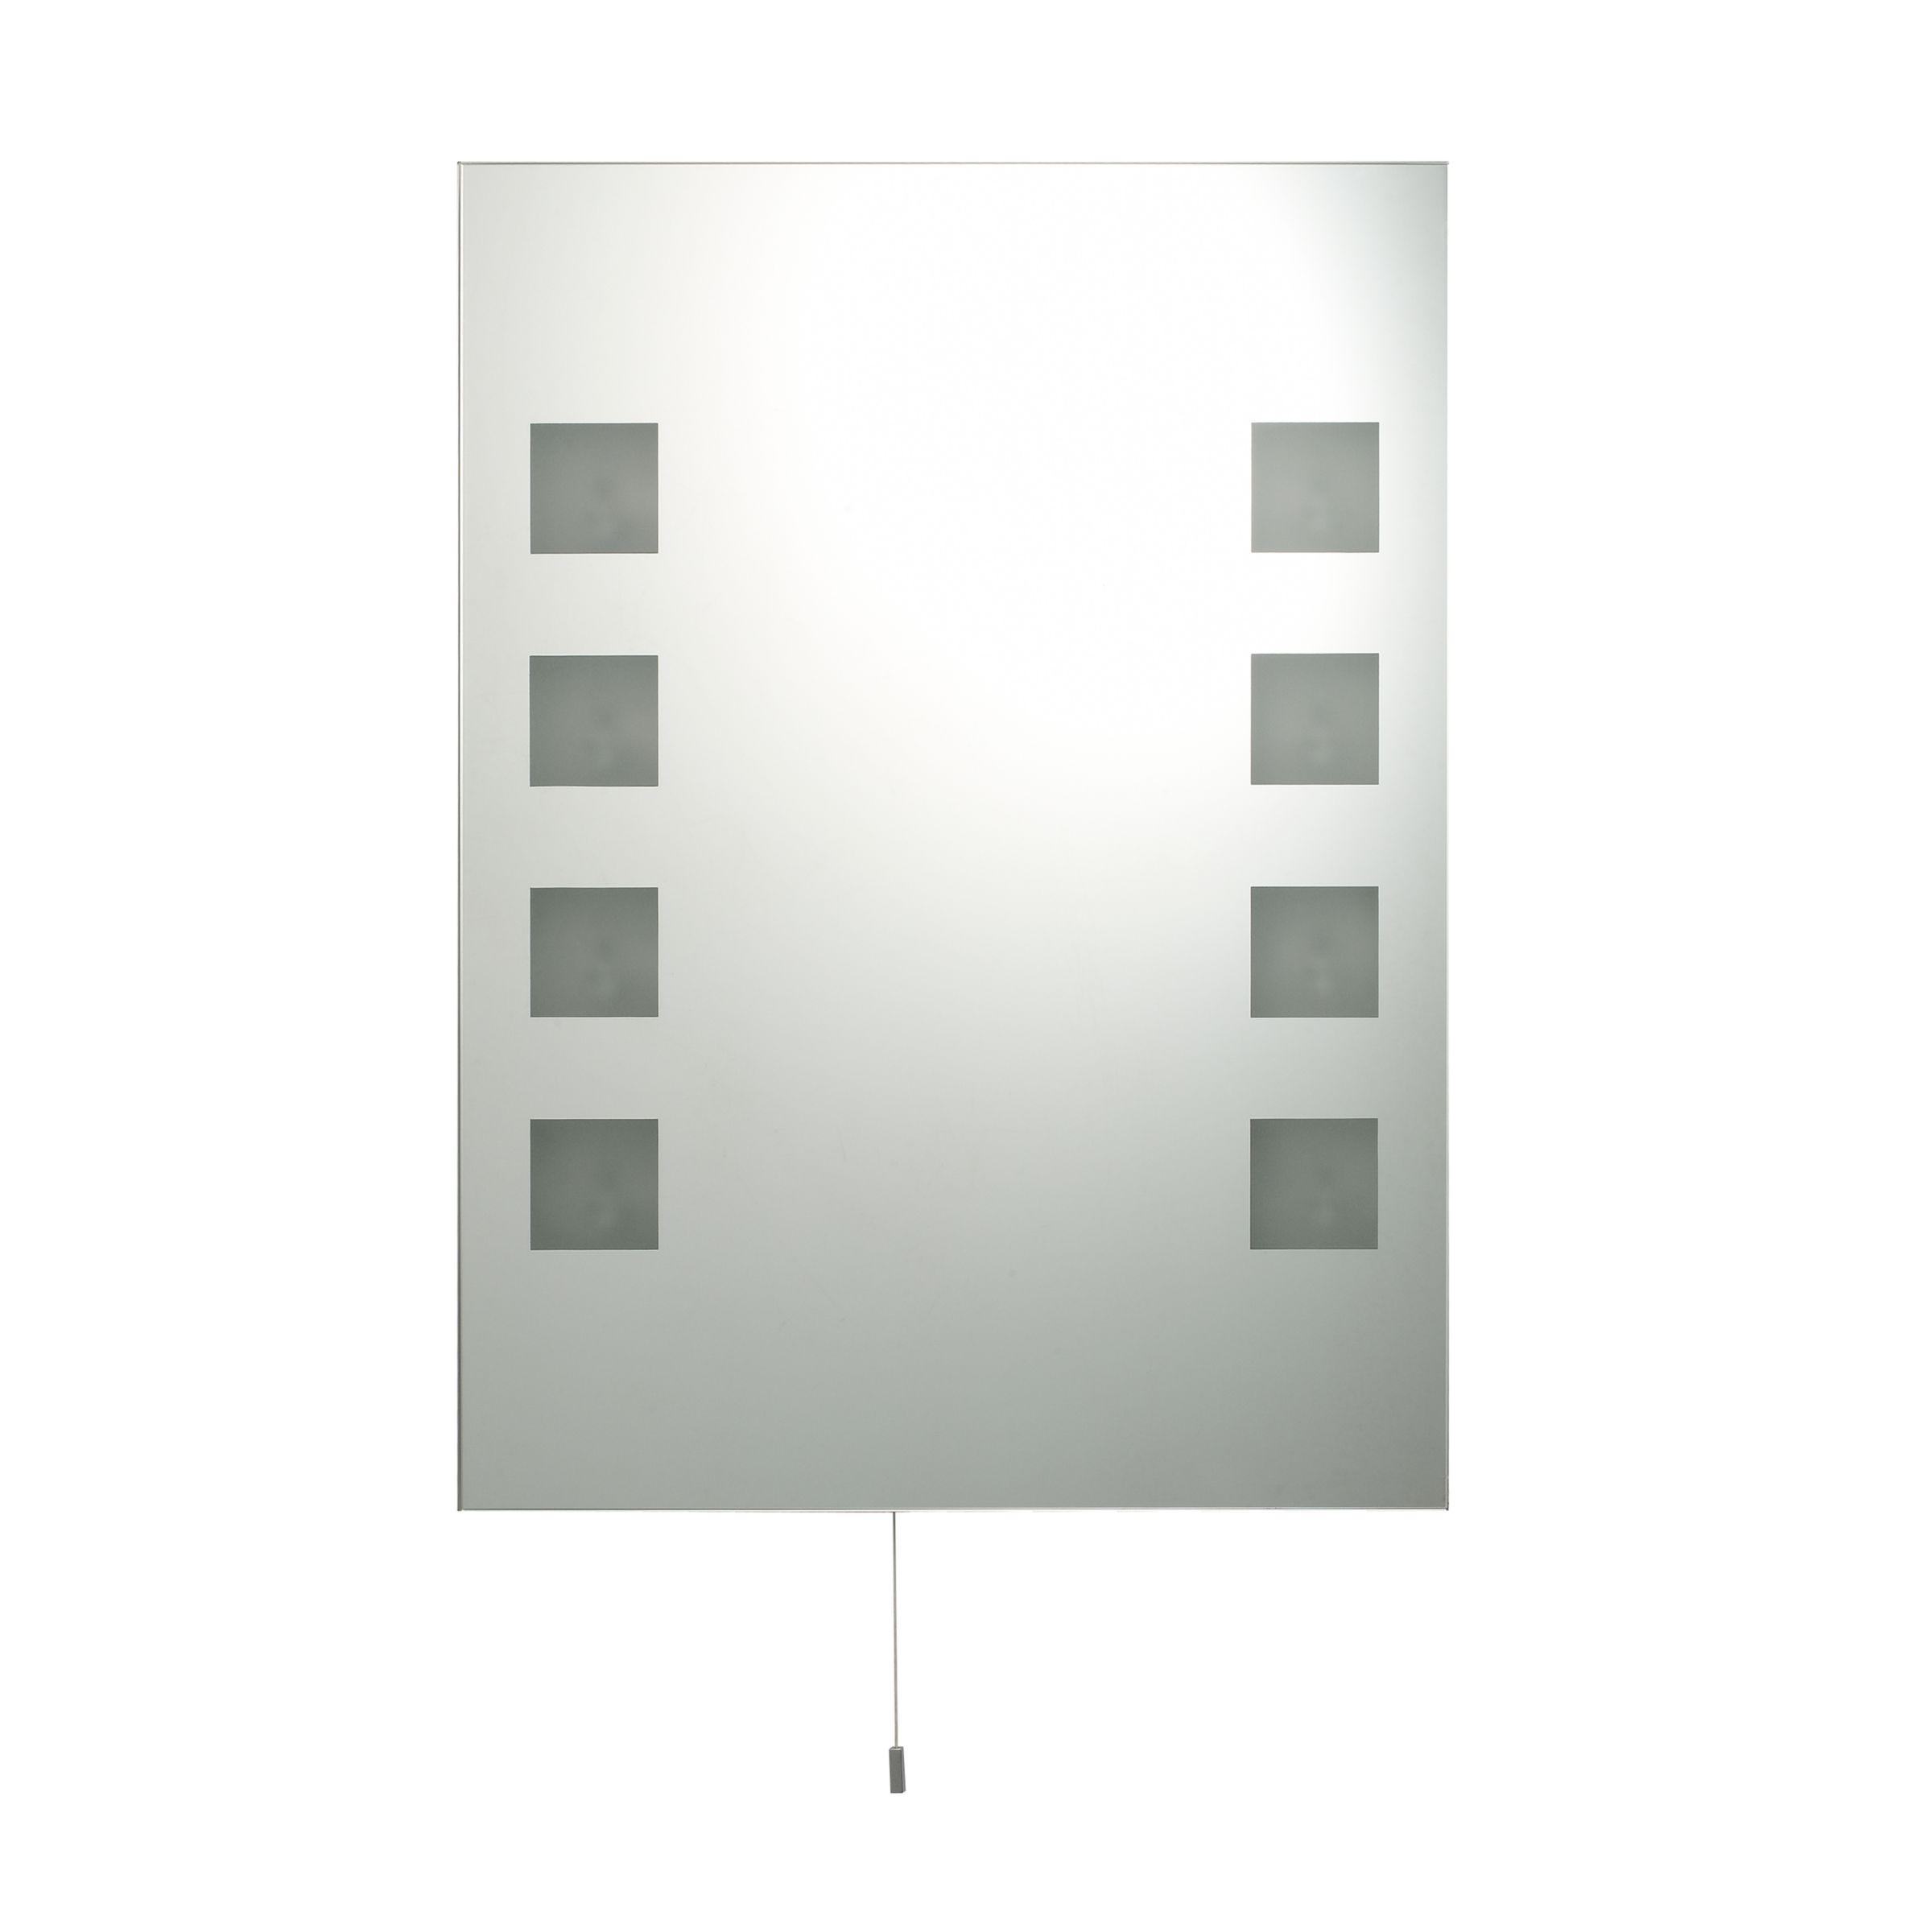 Image Illuminated Bathroom Mirror 152899